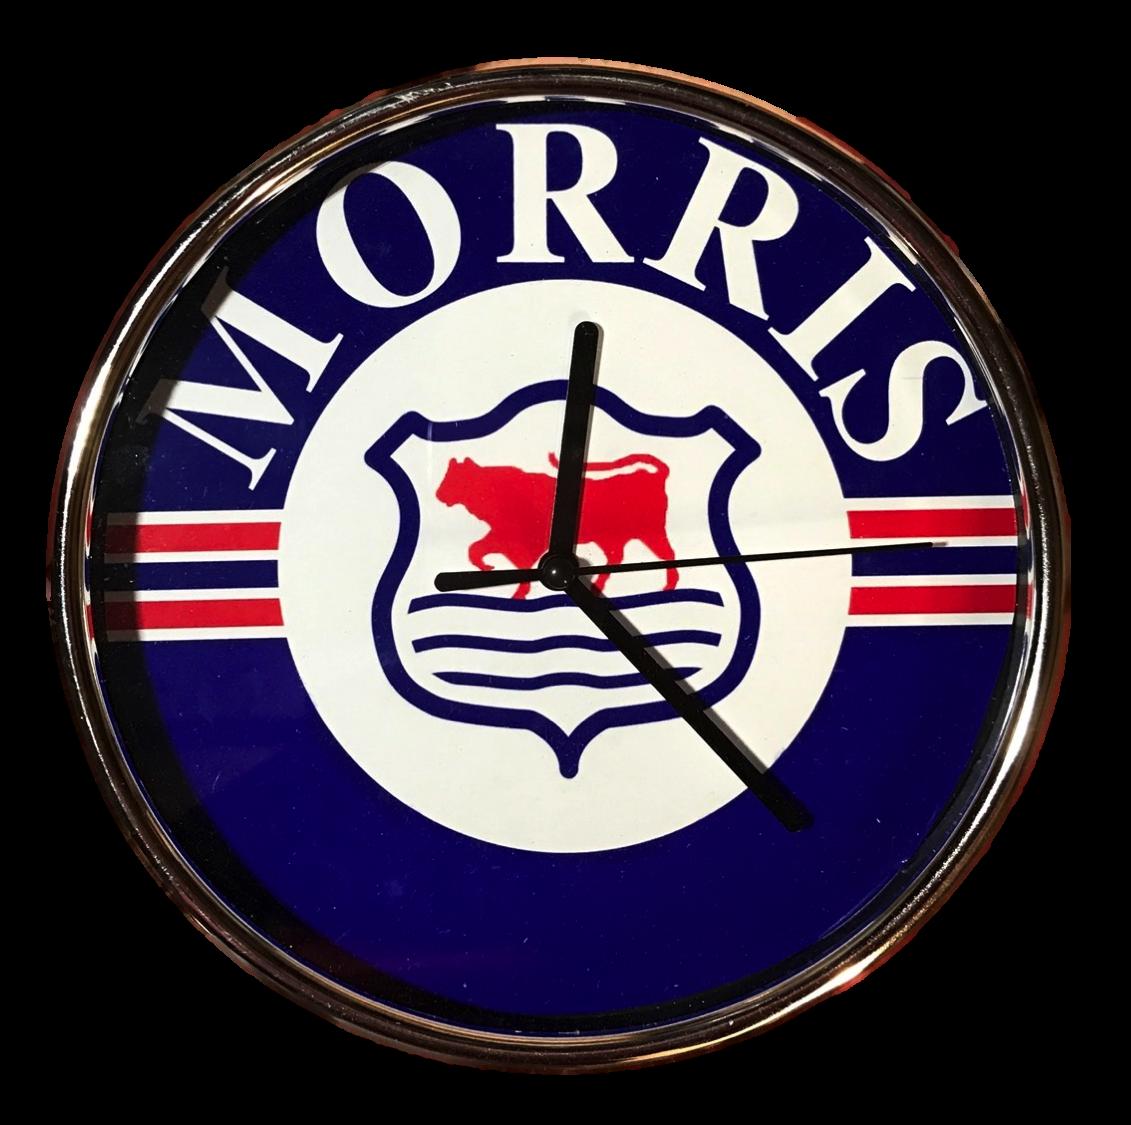 Morris klok